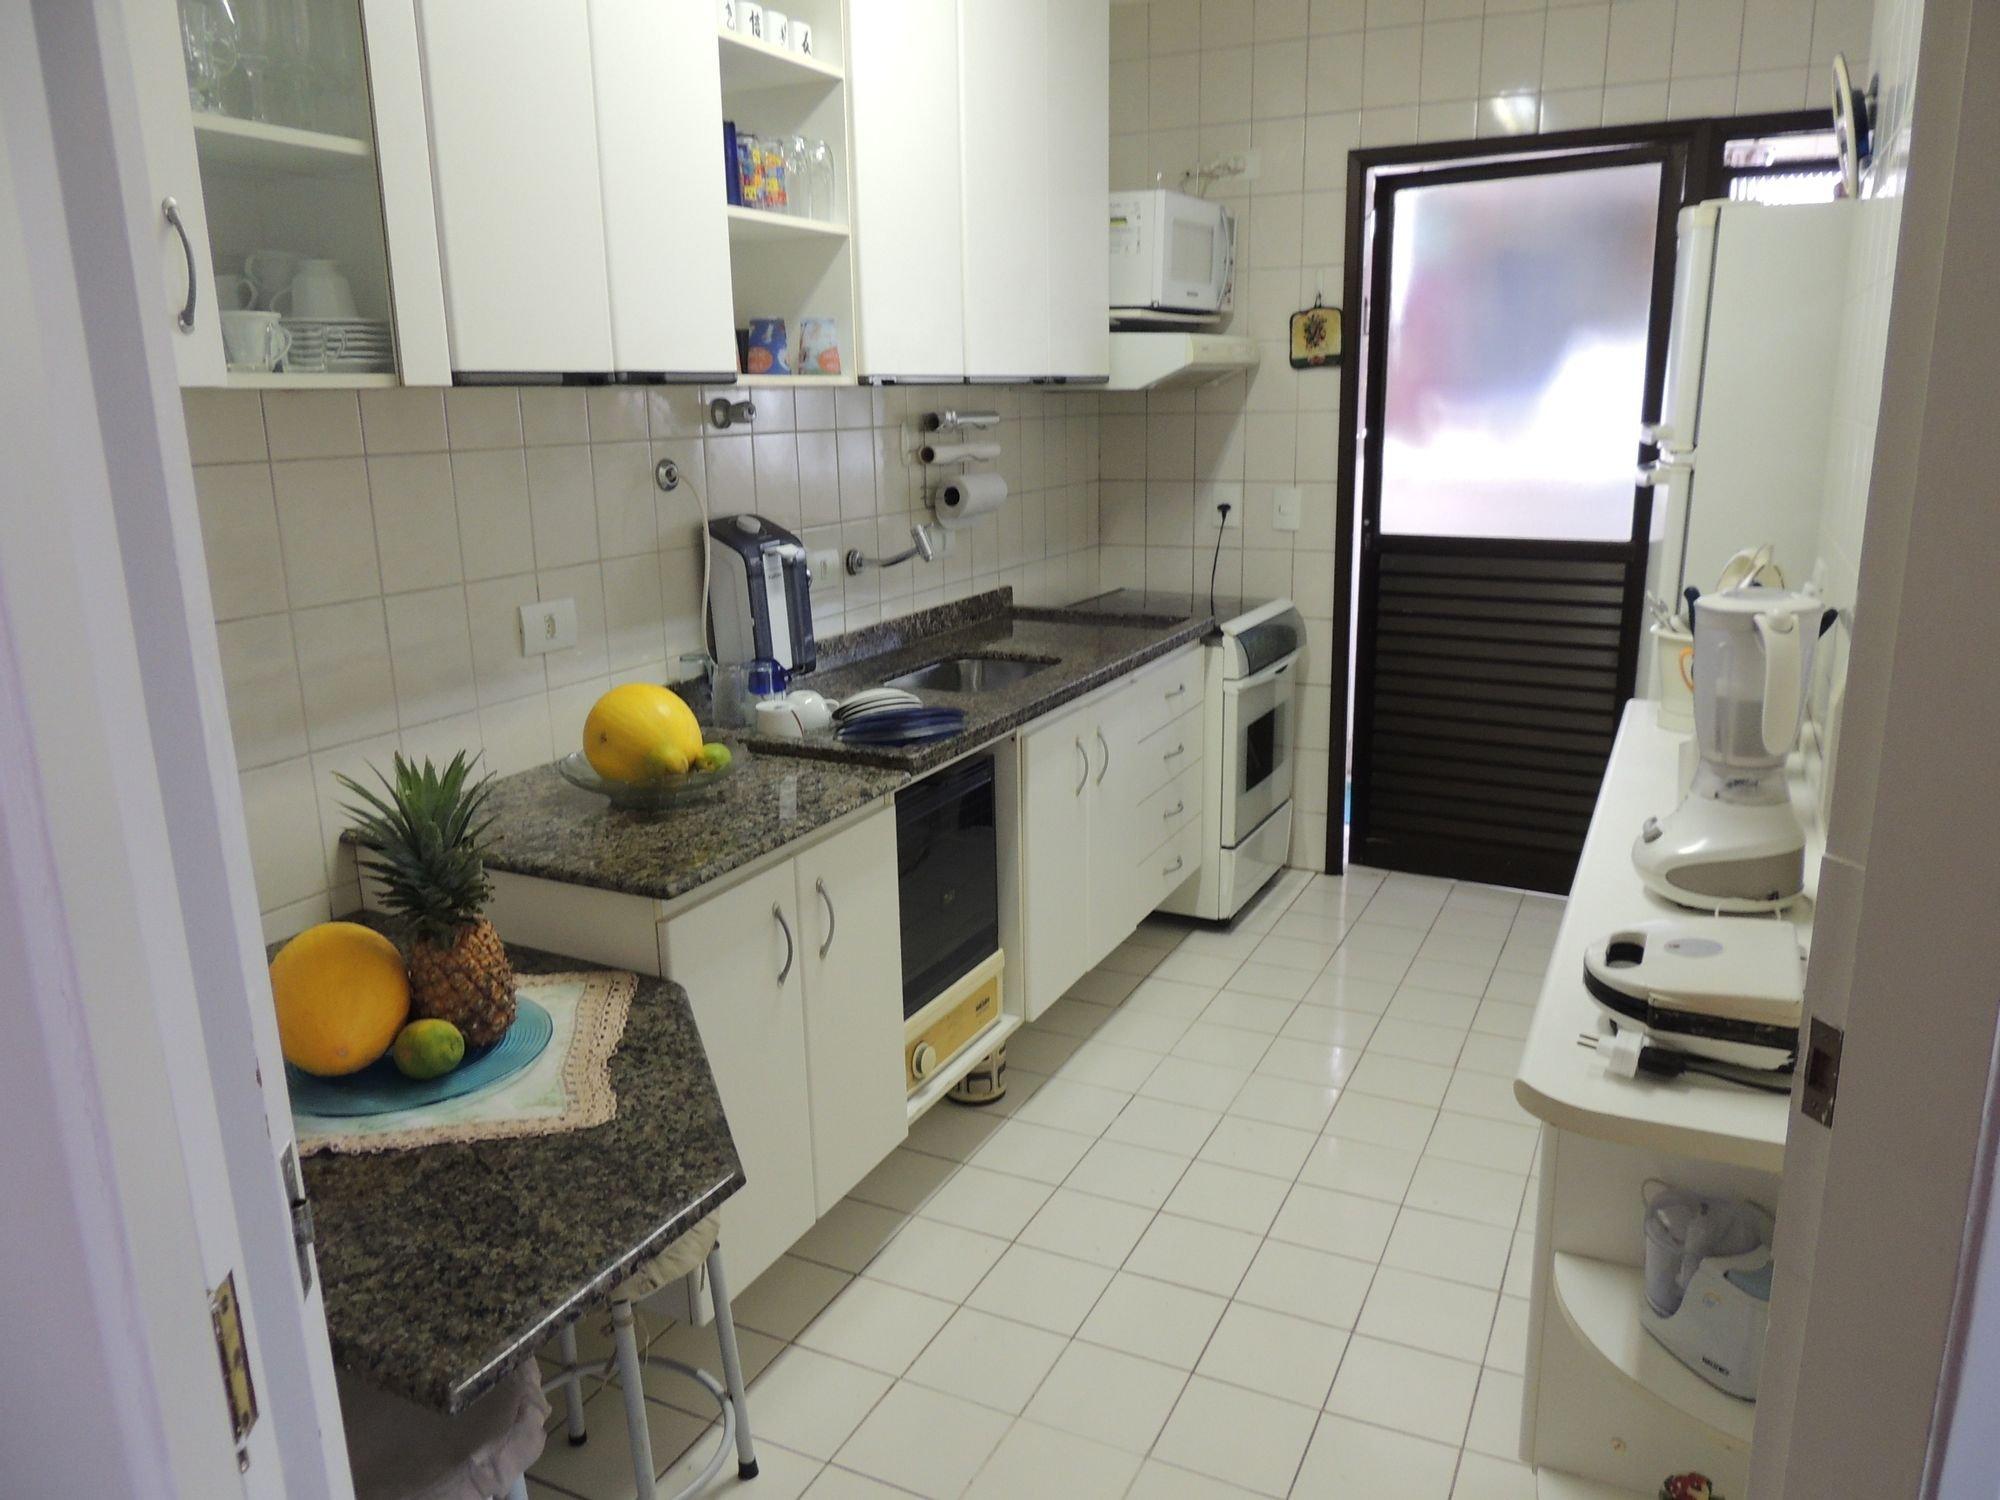 Foto de Cozinha com vaso de planta, forno, pia